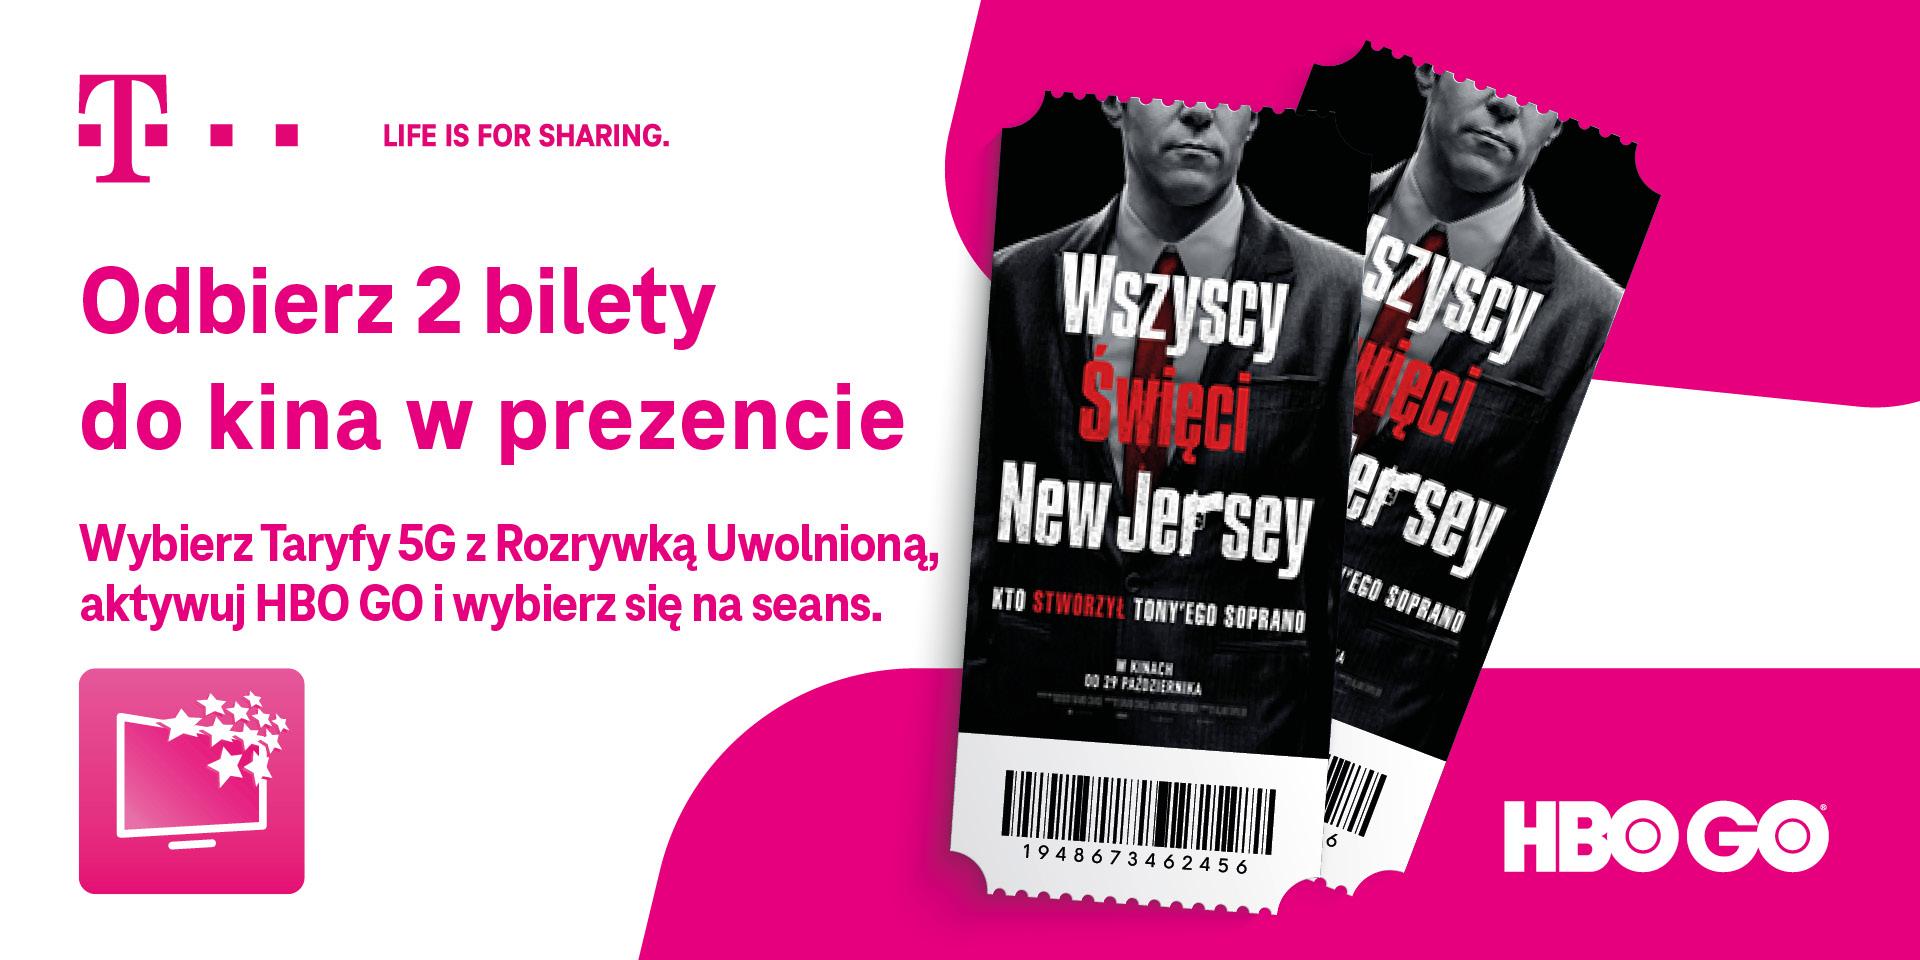 """Z T-Mobile """"Rozrywka uwolniona"""" również w kinie – aktywuj HBO GO i zgarnij bilety do kina"""